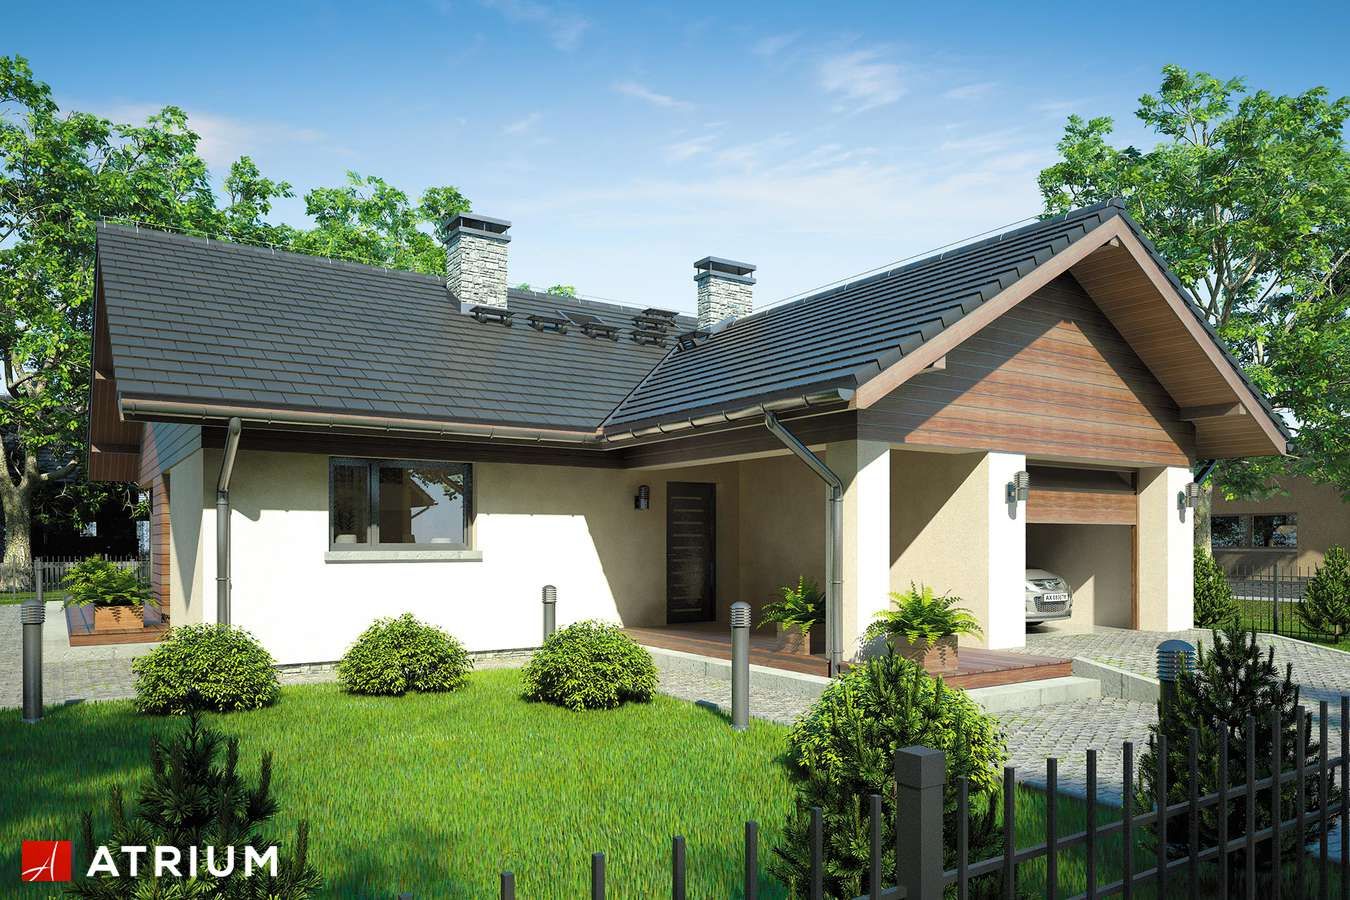 Dom parterowy 110m2, 3 sypialnie, garaż 21m2